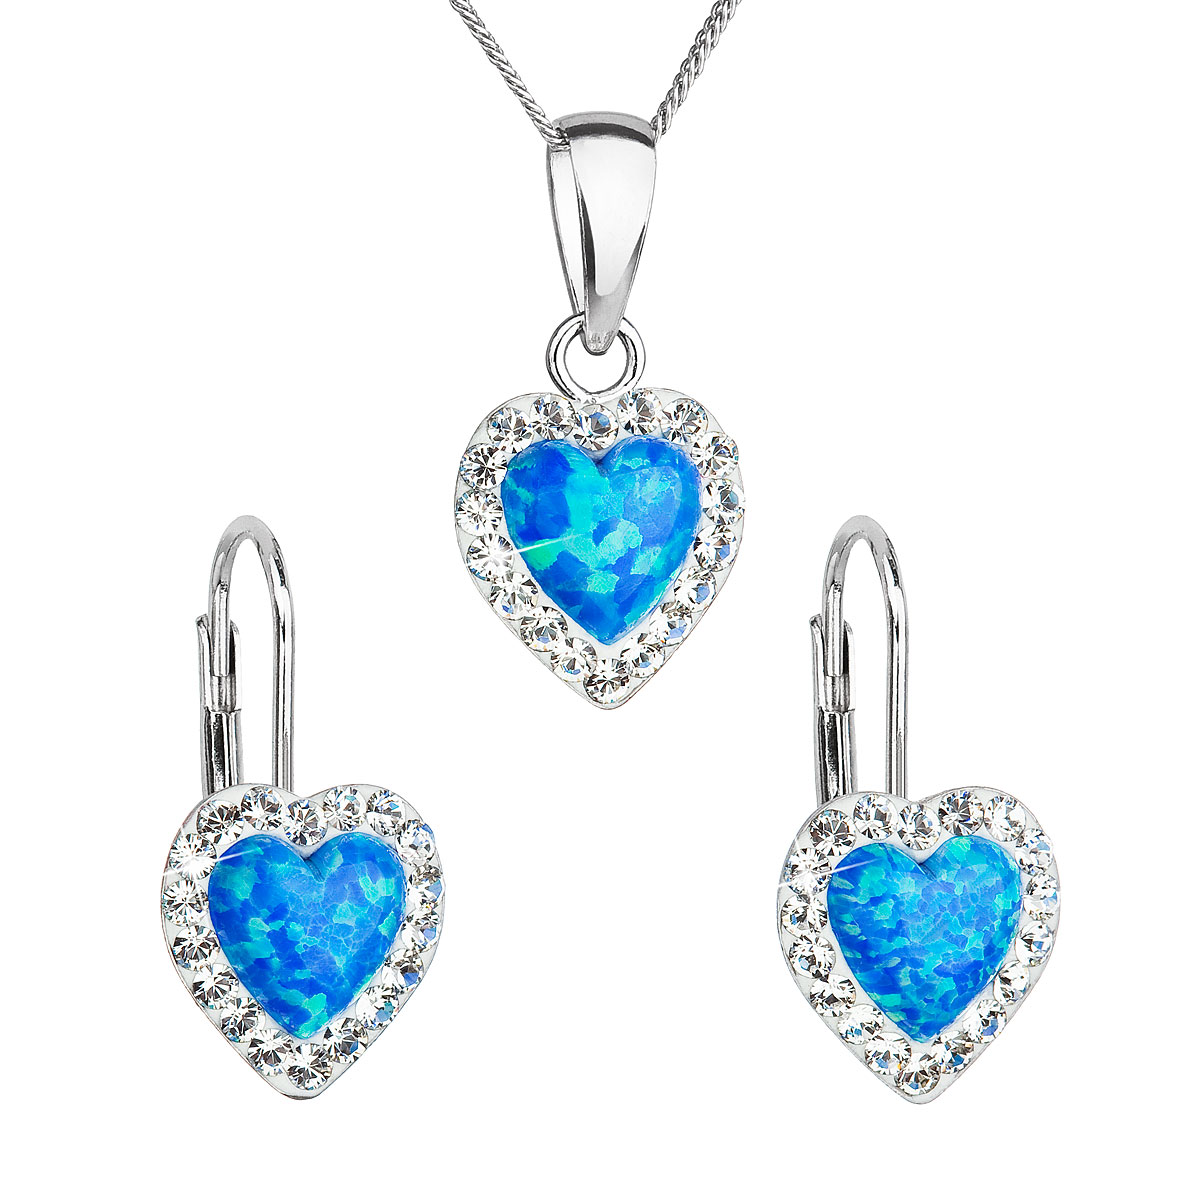 Sada šperků se syntetickým opálem a krystaly Swarovski náušnice a přívěšek modré srdce 39161.1